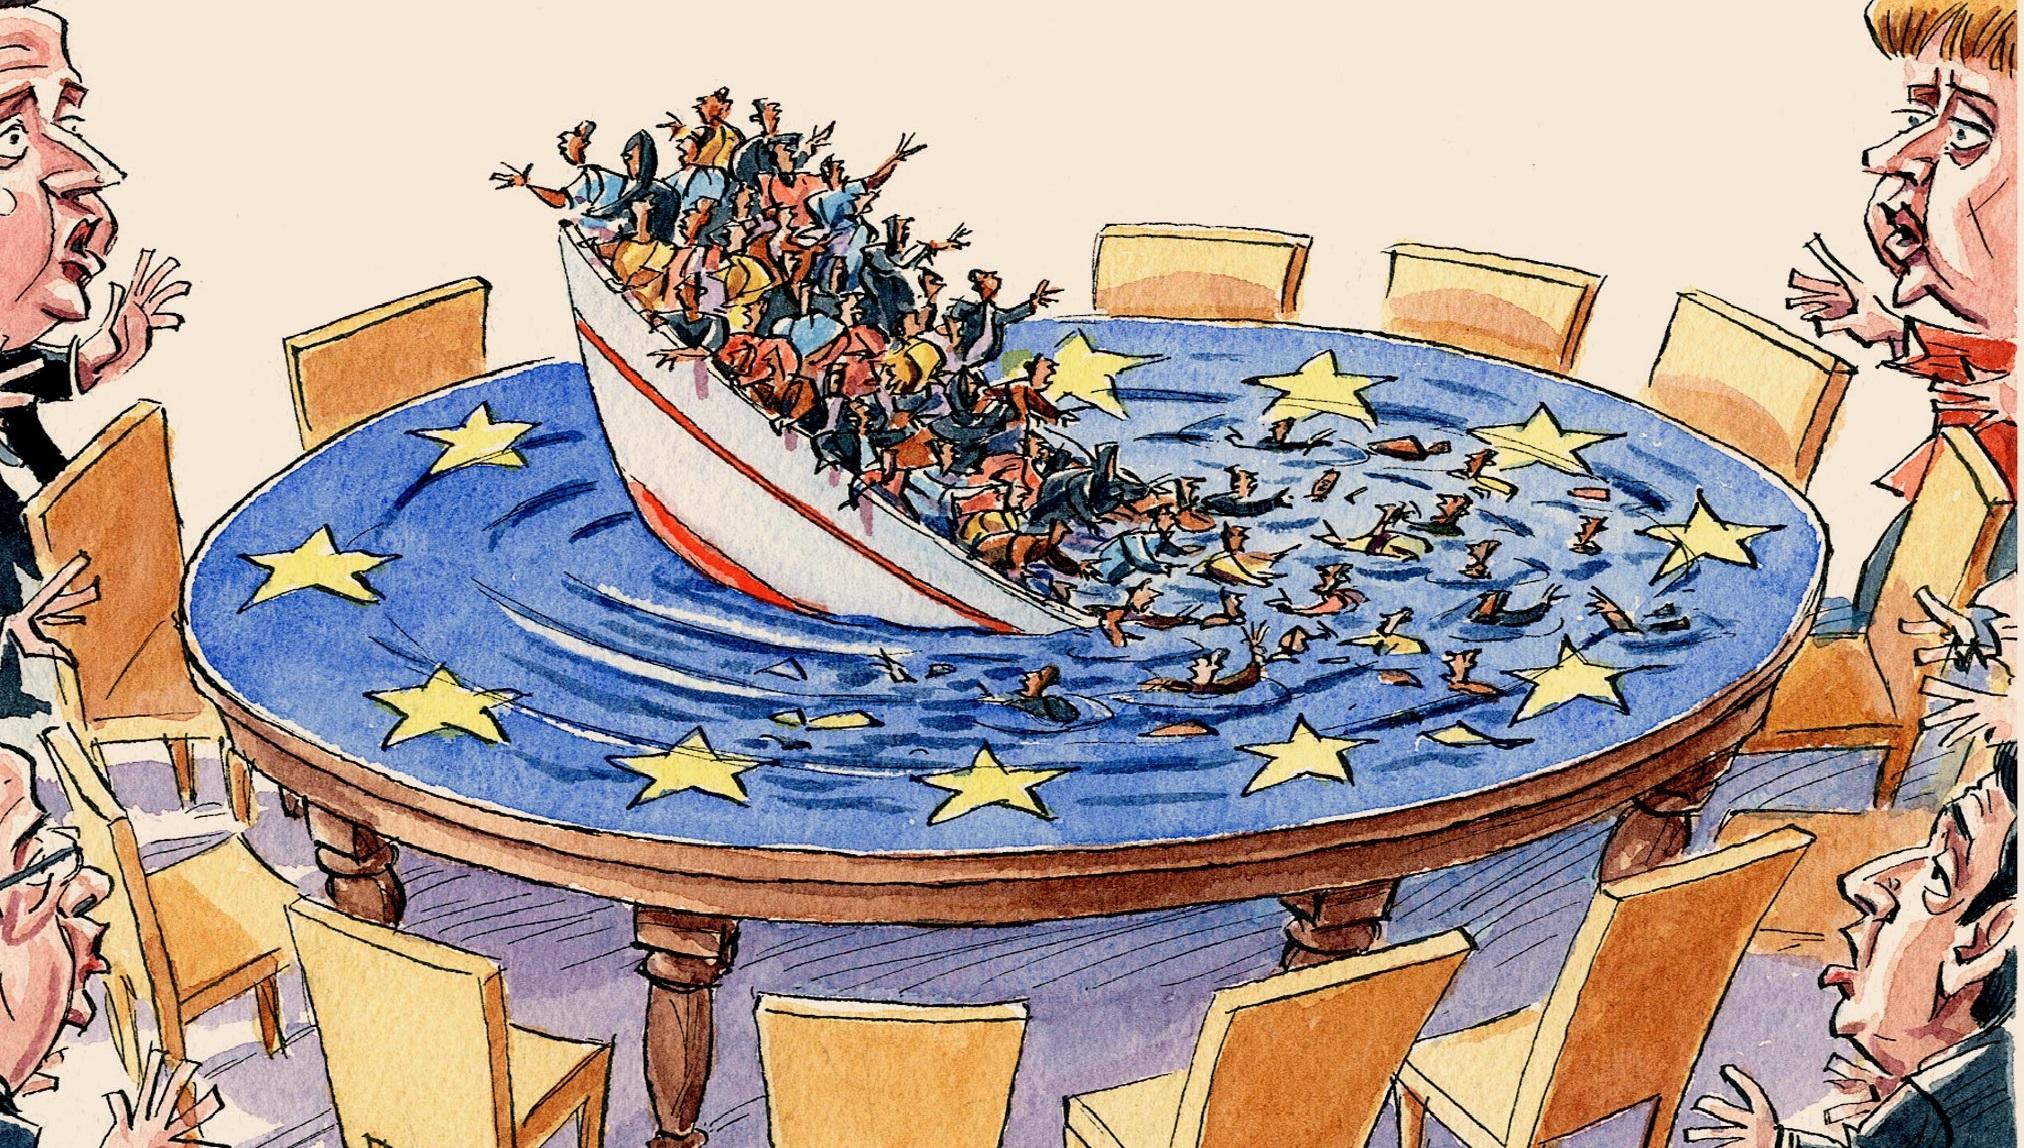 göçmen sorunu